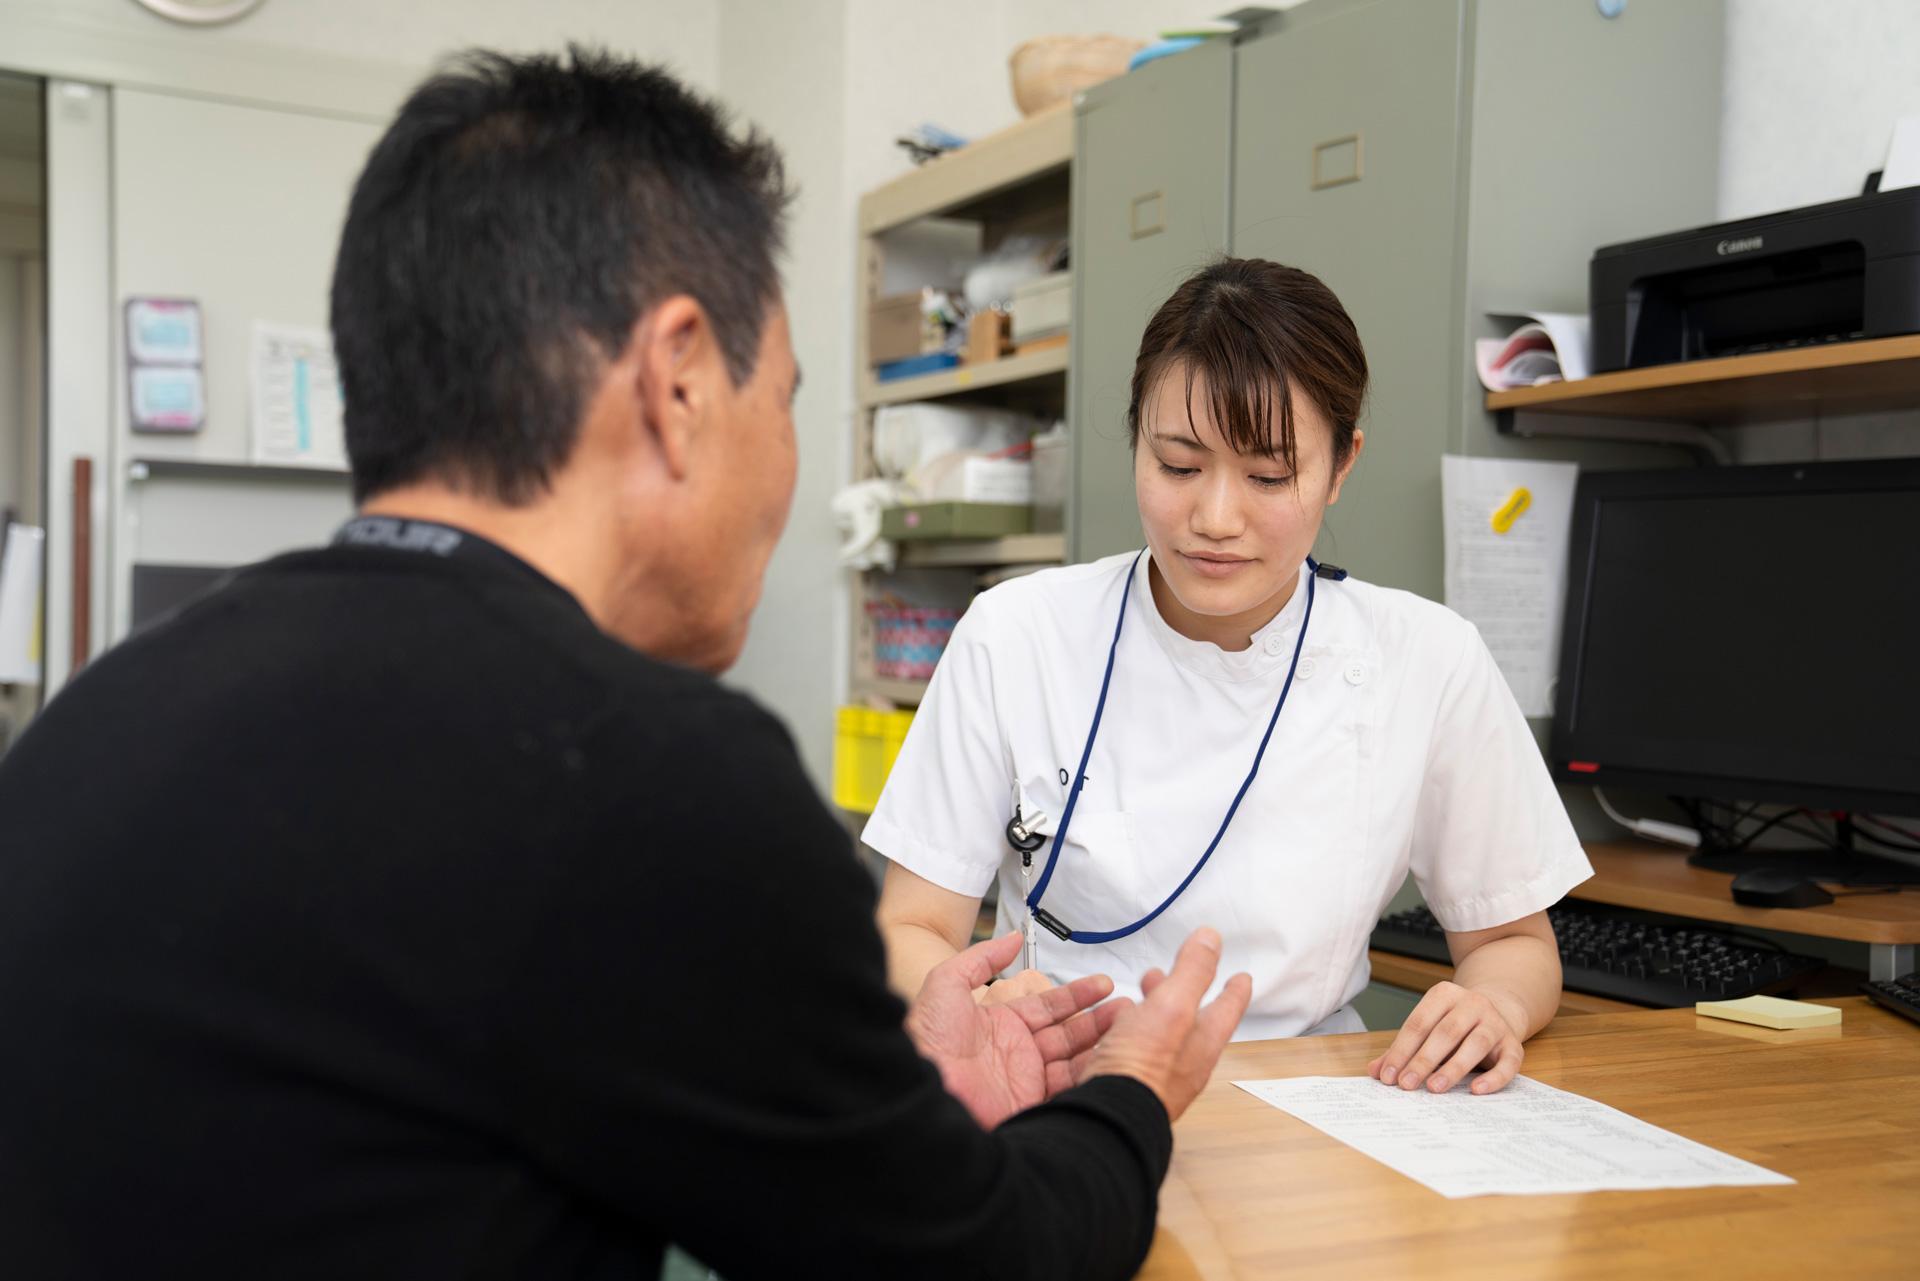 写真:作業療法士と患者が作業をしている様子